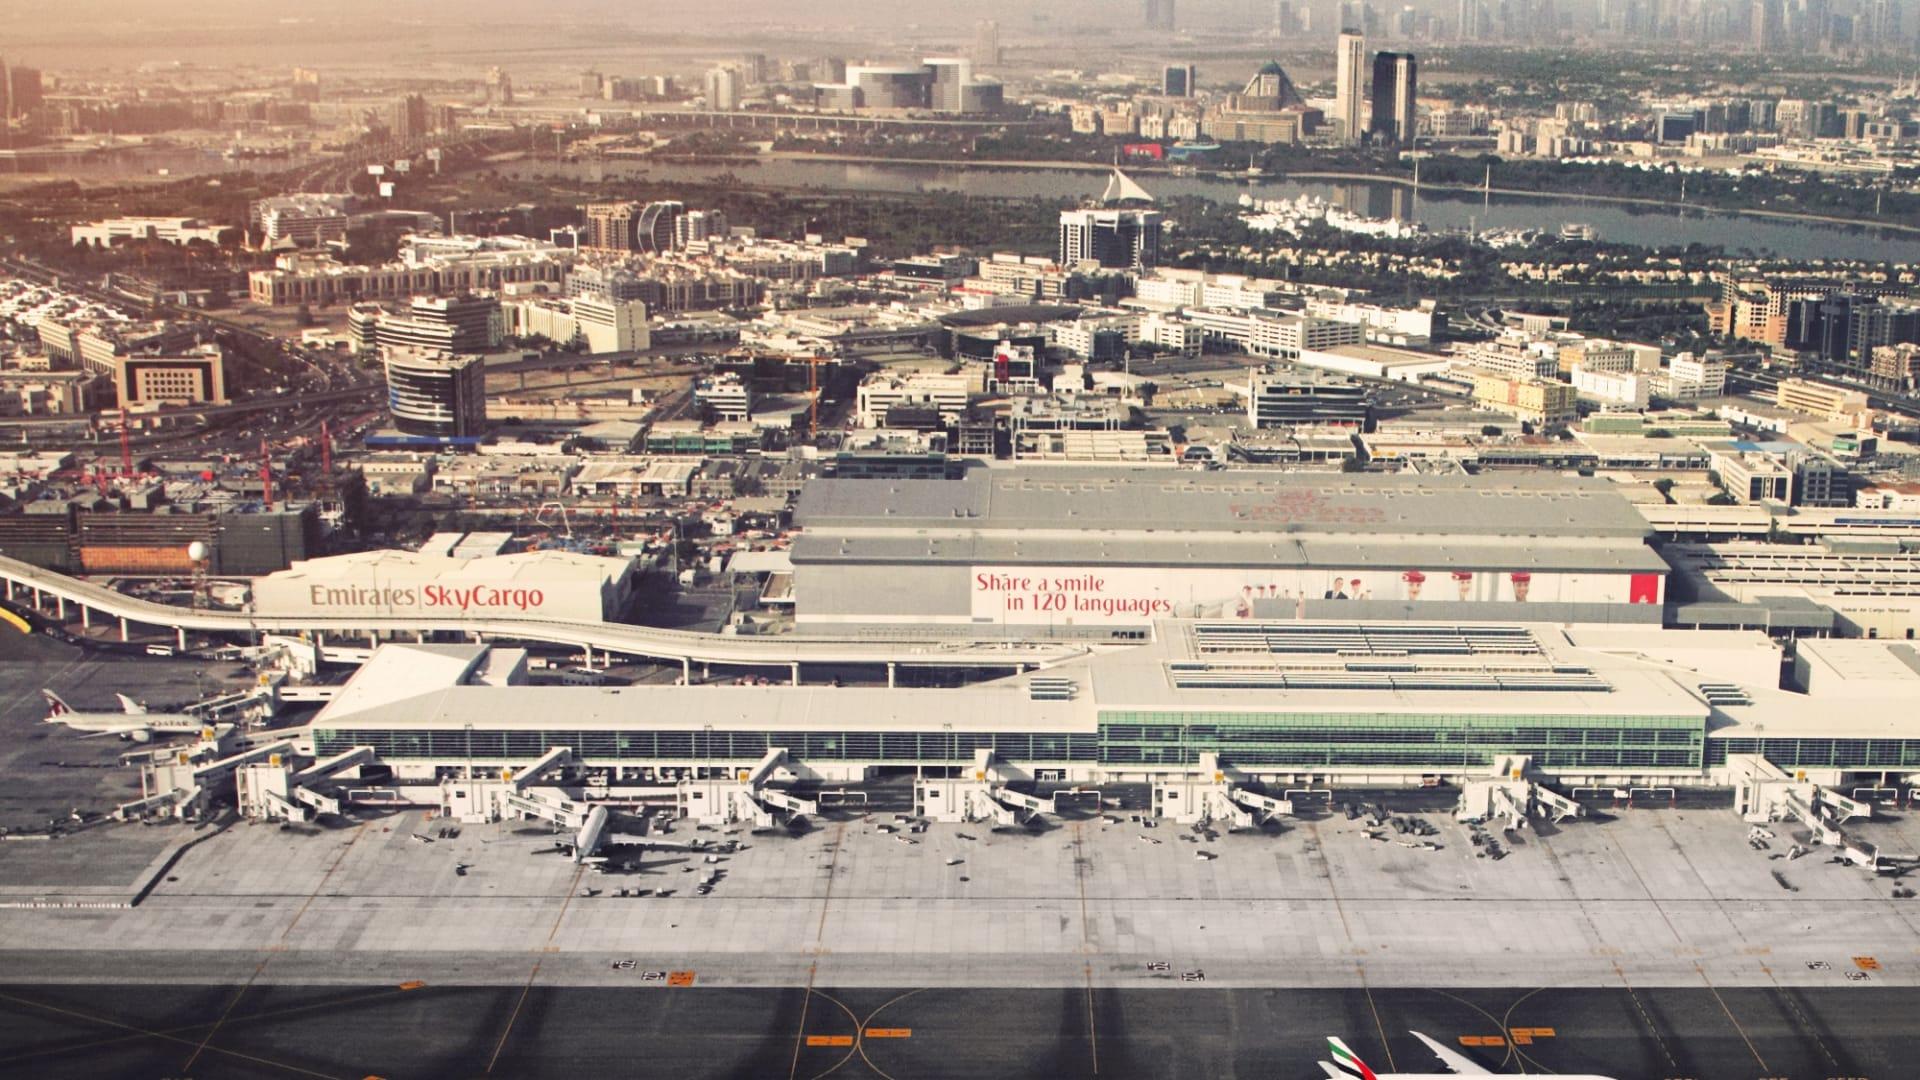 الرئيس التنفيذي لمطارات دبي: ممر سفر بين الإمارات وإيطاليا.. وقد تتبعها أوروبا وأمريكا قريبًا